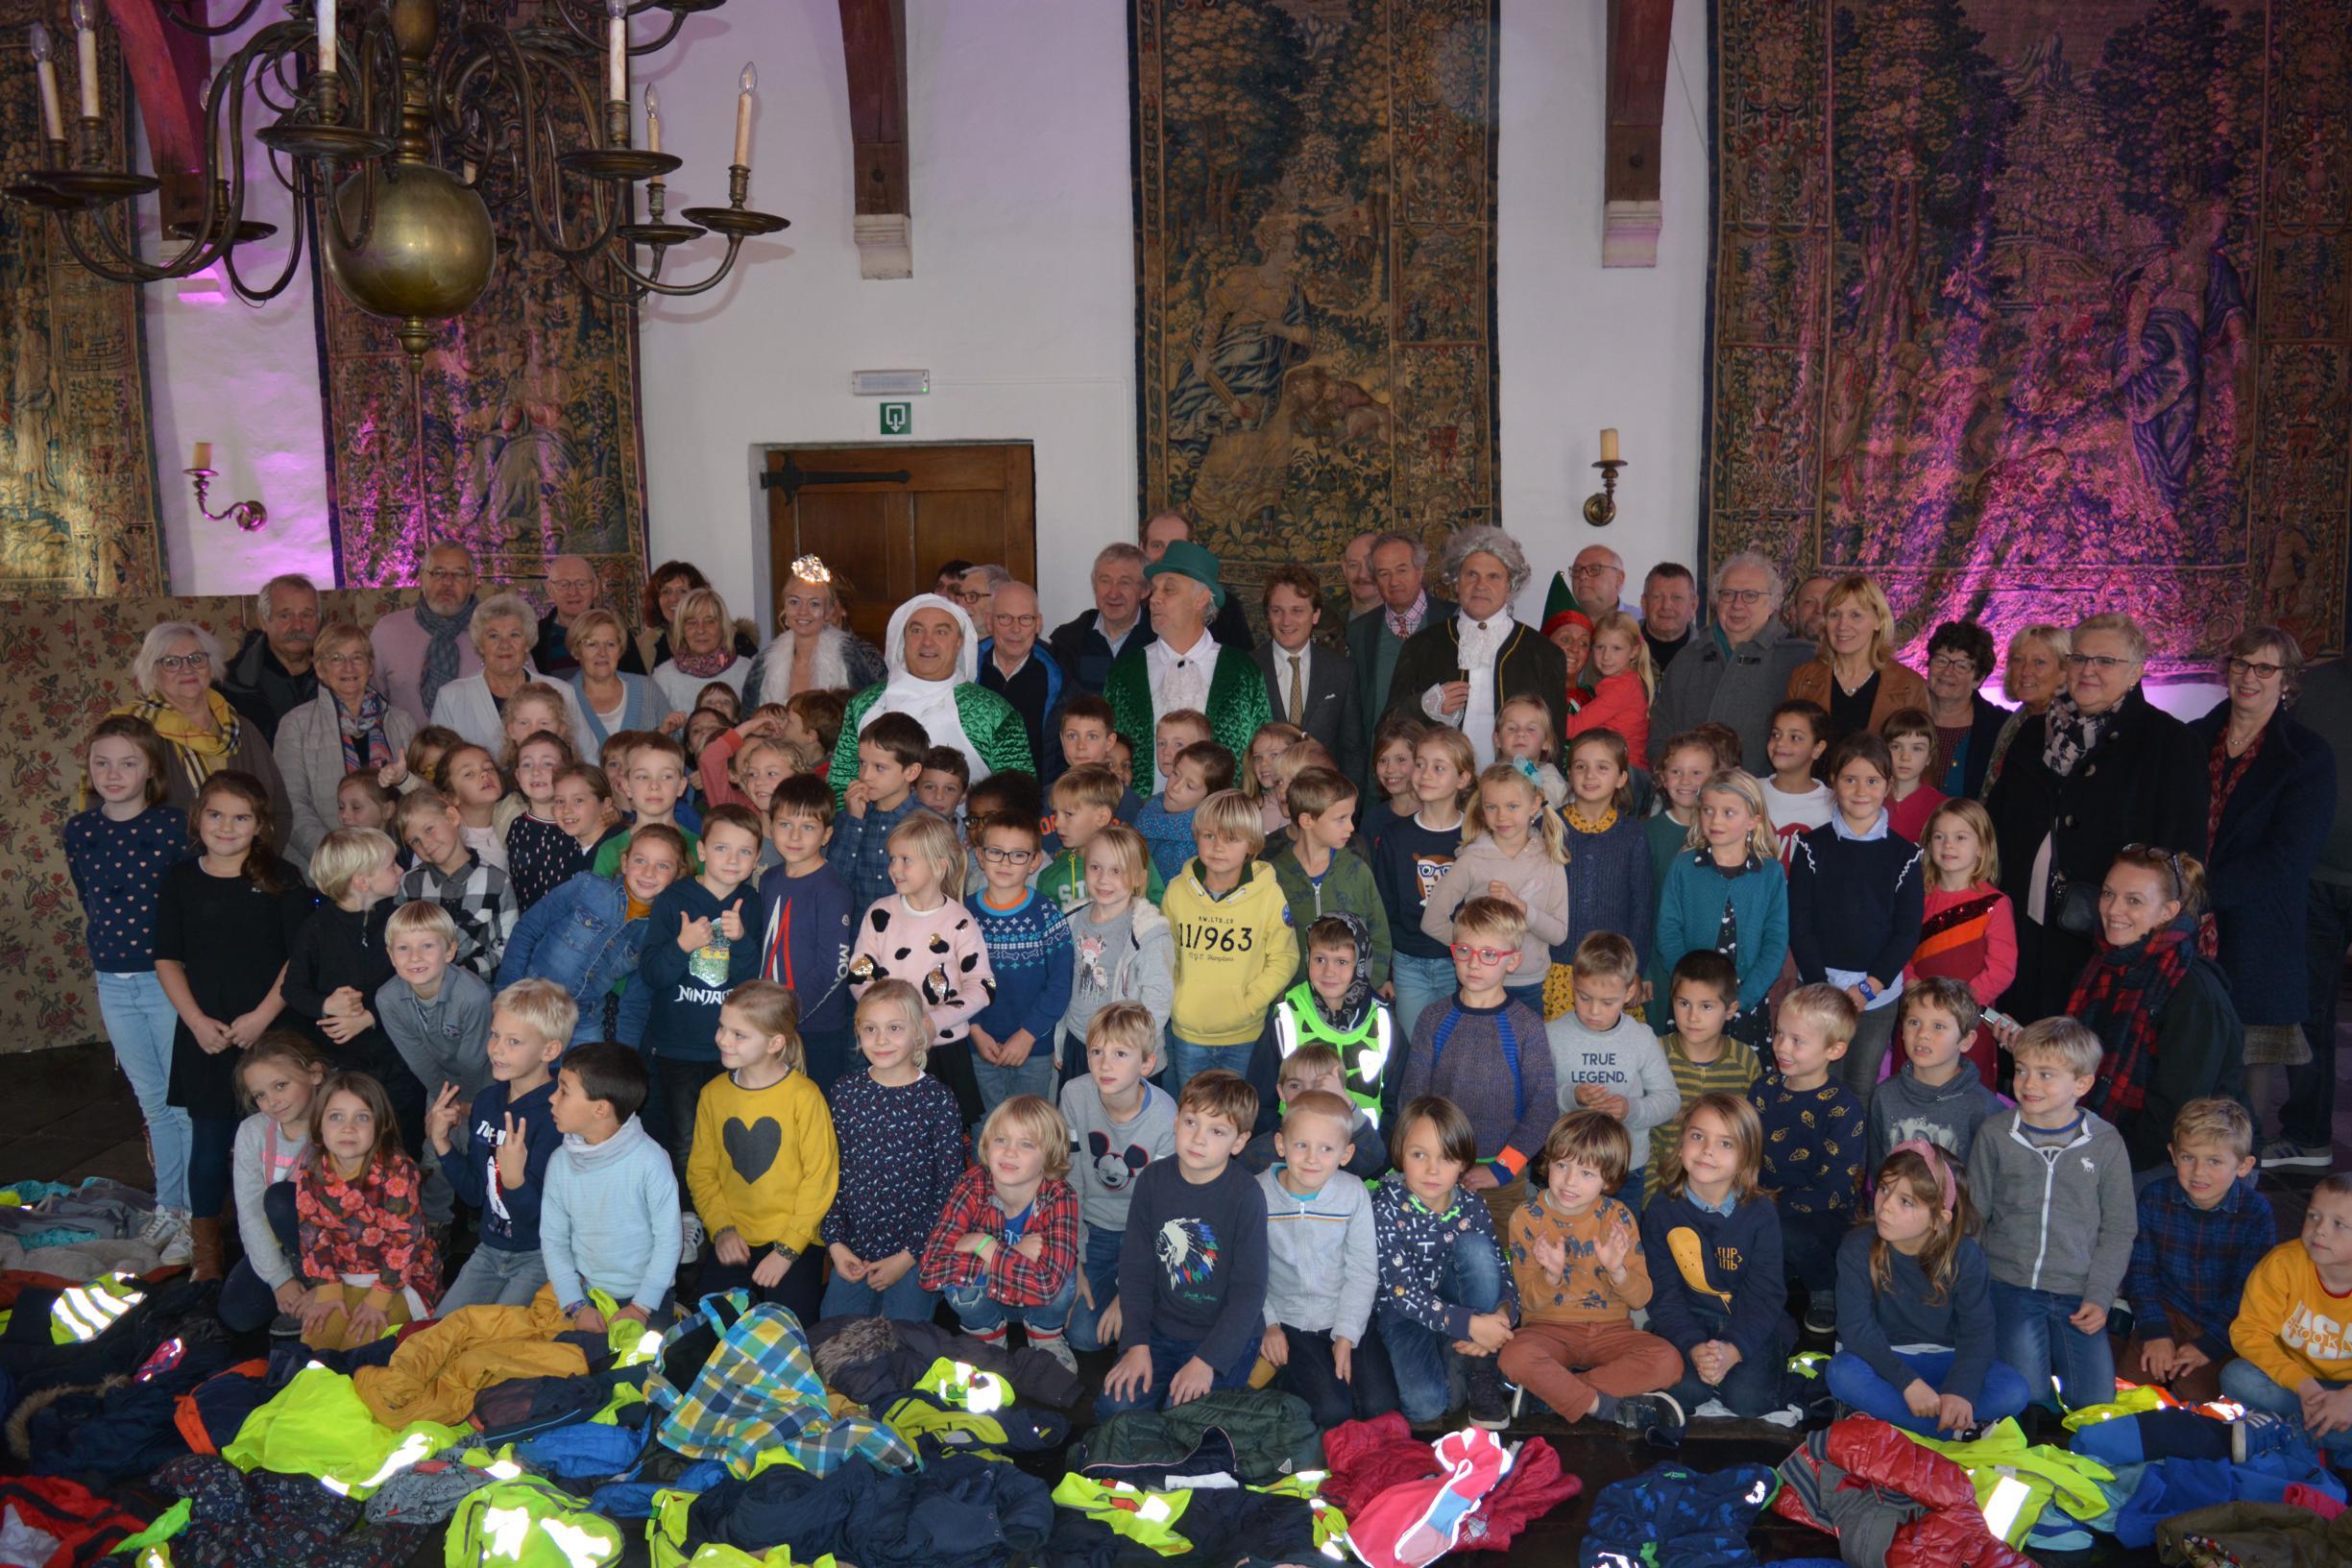 Groene kerstman probeert kerstfeest in kasteel in te palmen - Het Nieuwsblad